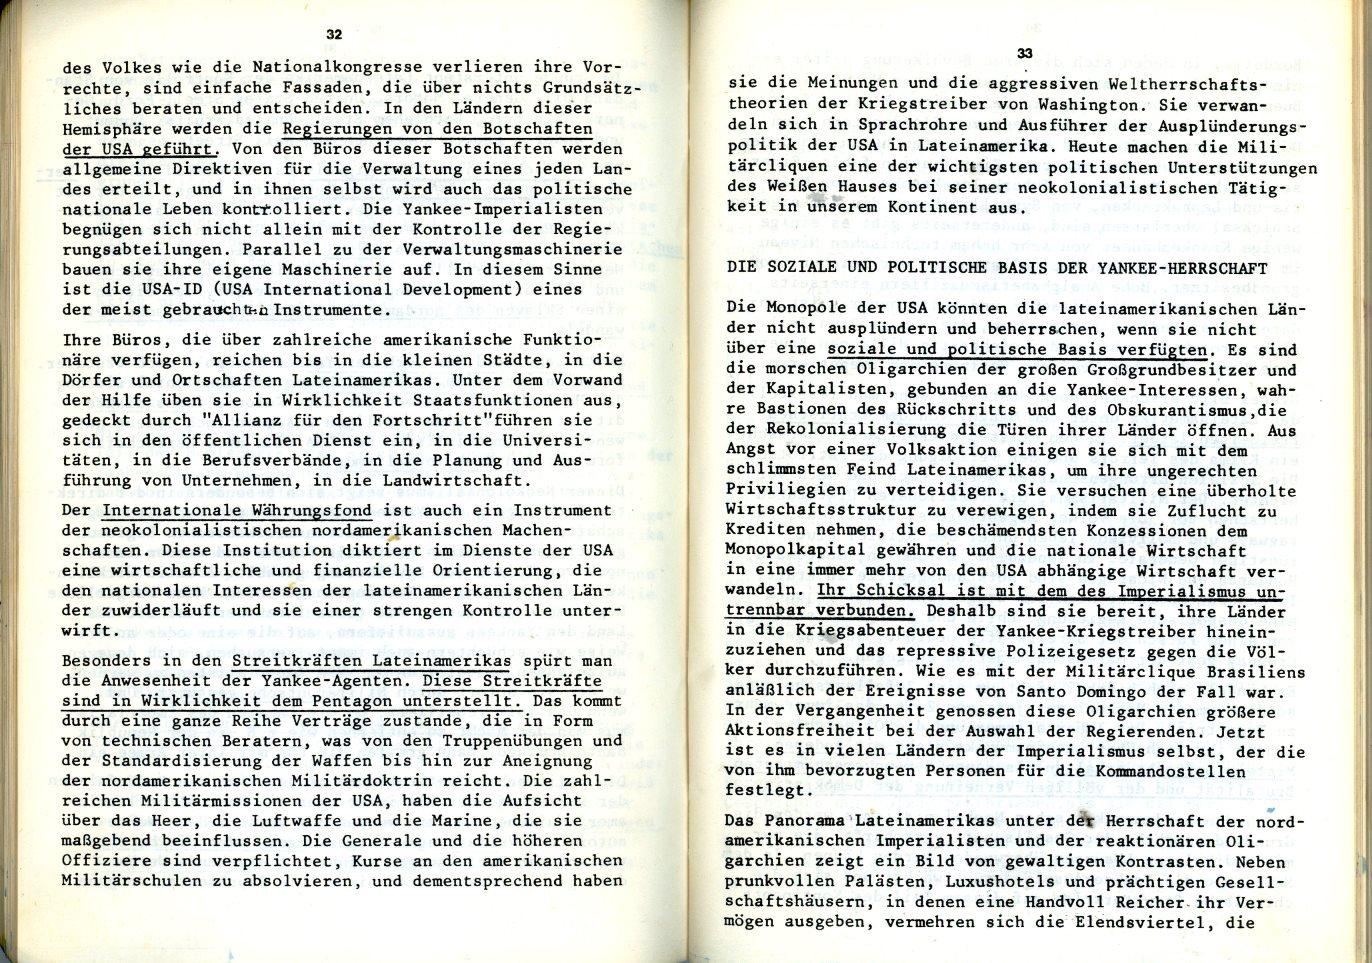 MLSK_Theorie_und_Praxis_des_ML_1978_20_25